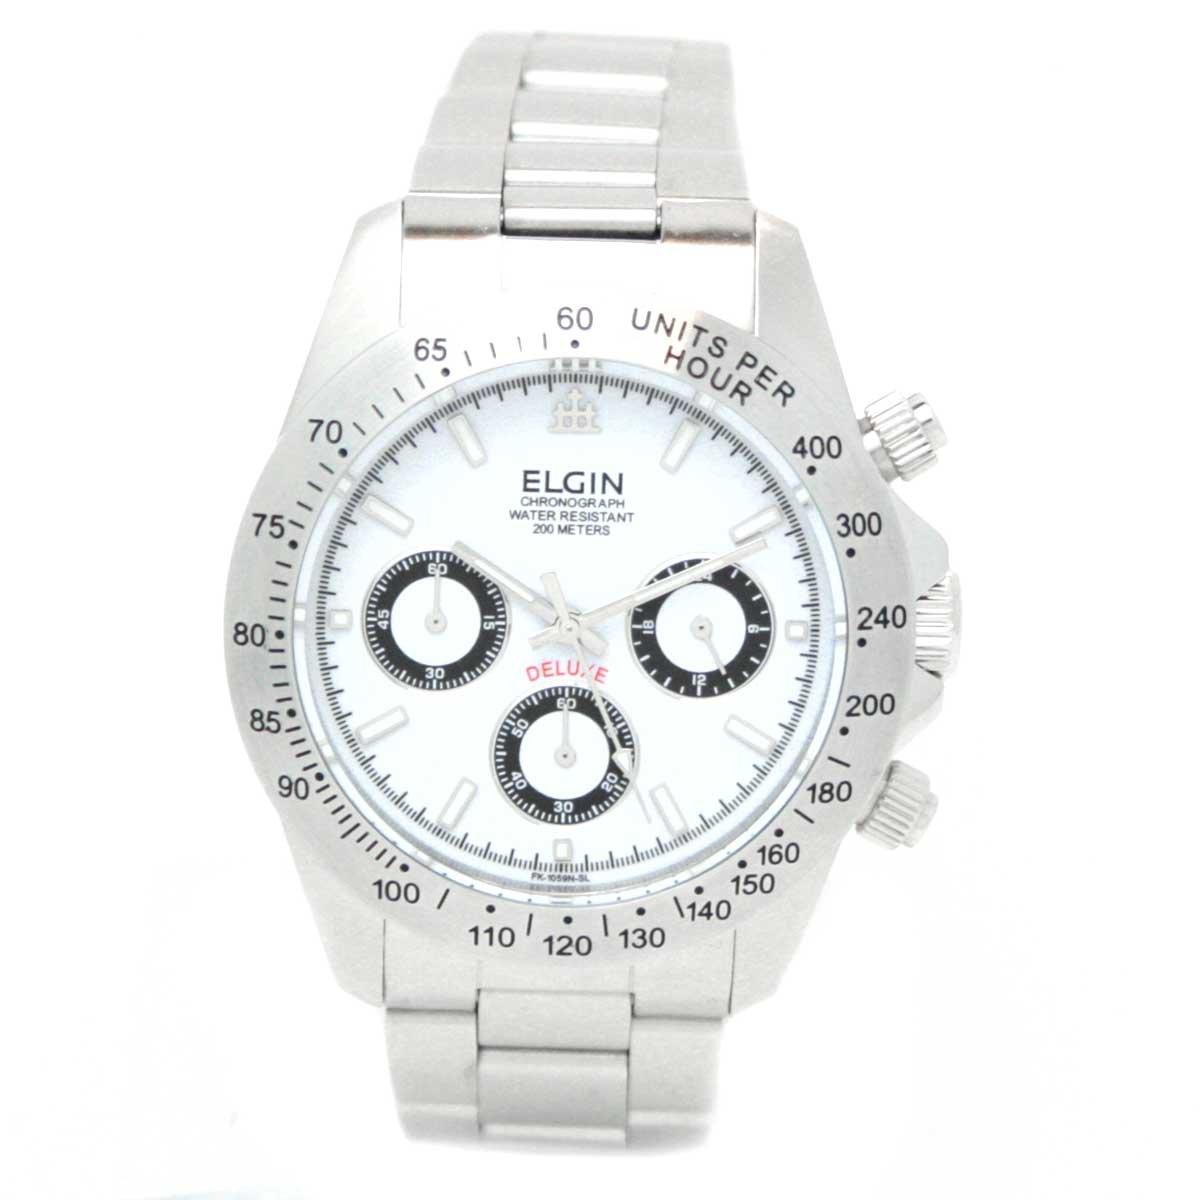 [エルジン]ELGIN 腕時計 クロノグラフ 日本製ムーブメント ウォッチ ホワイト FK1059S-W メンズ B00104X88G